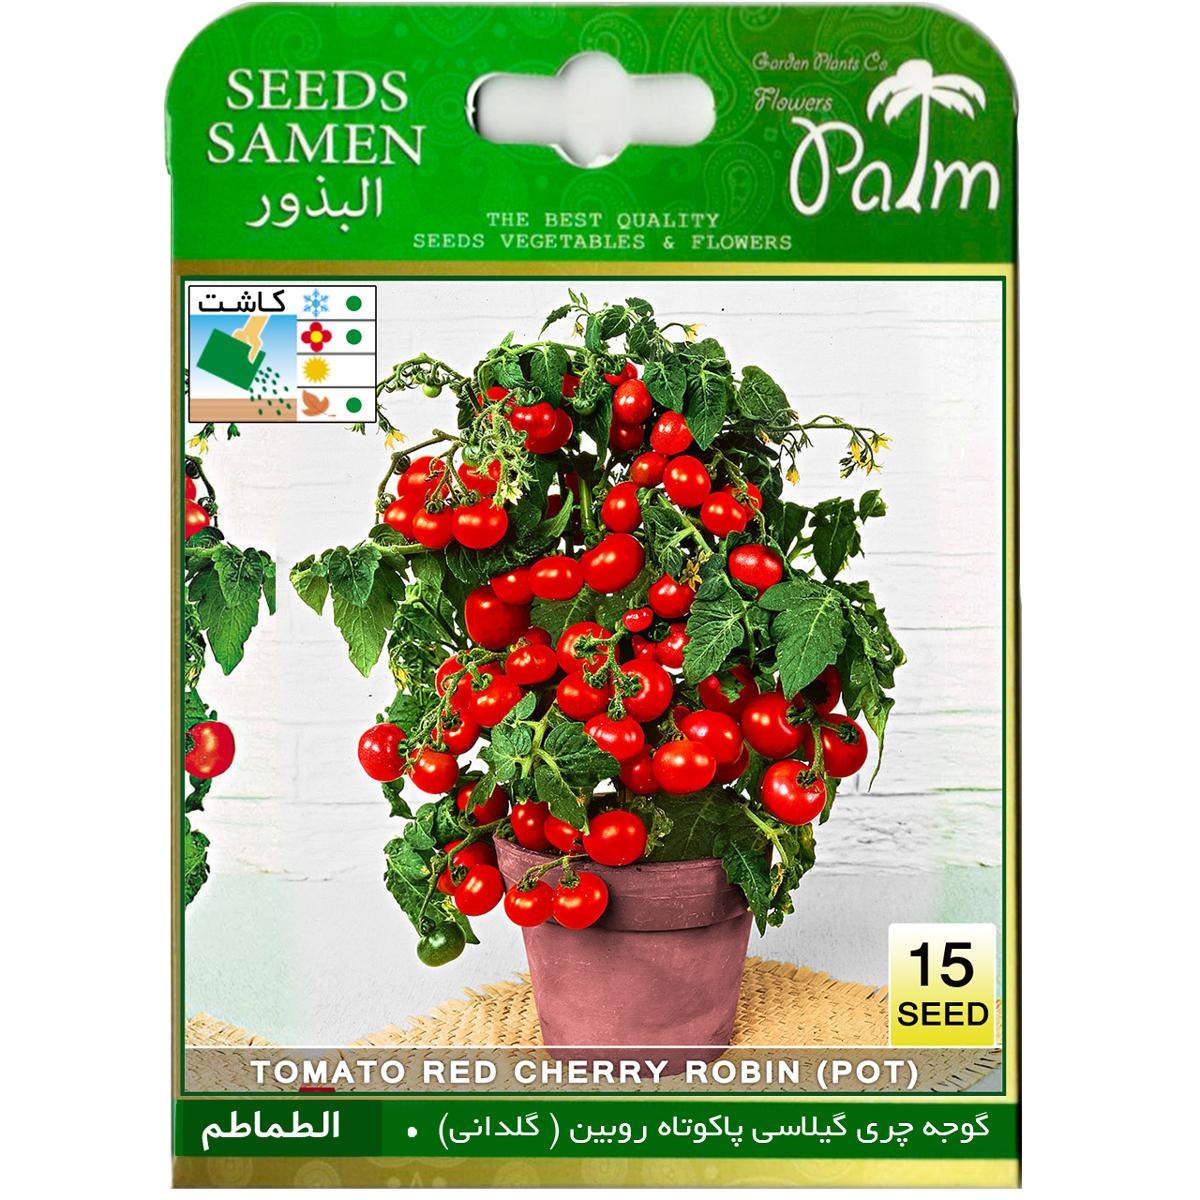 بذر گوجه قرمز گیلاسی پاکوتاه گلدانی پالم کد 15